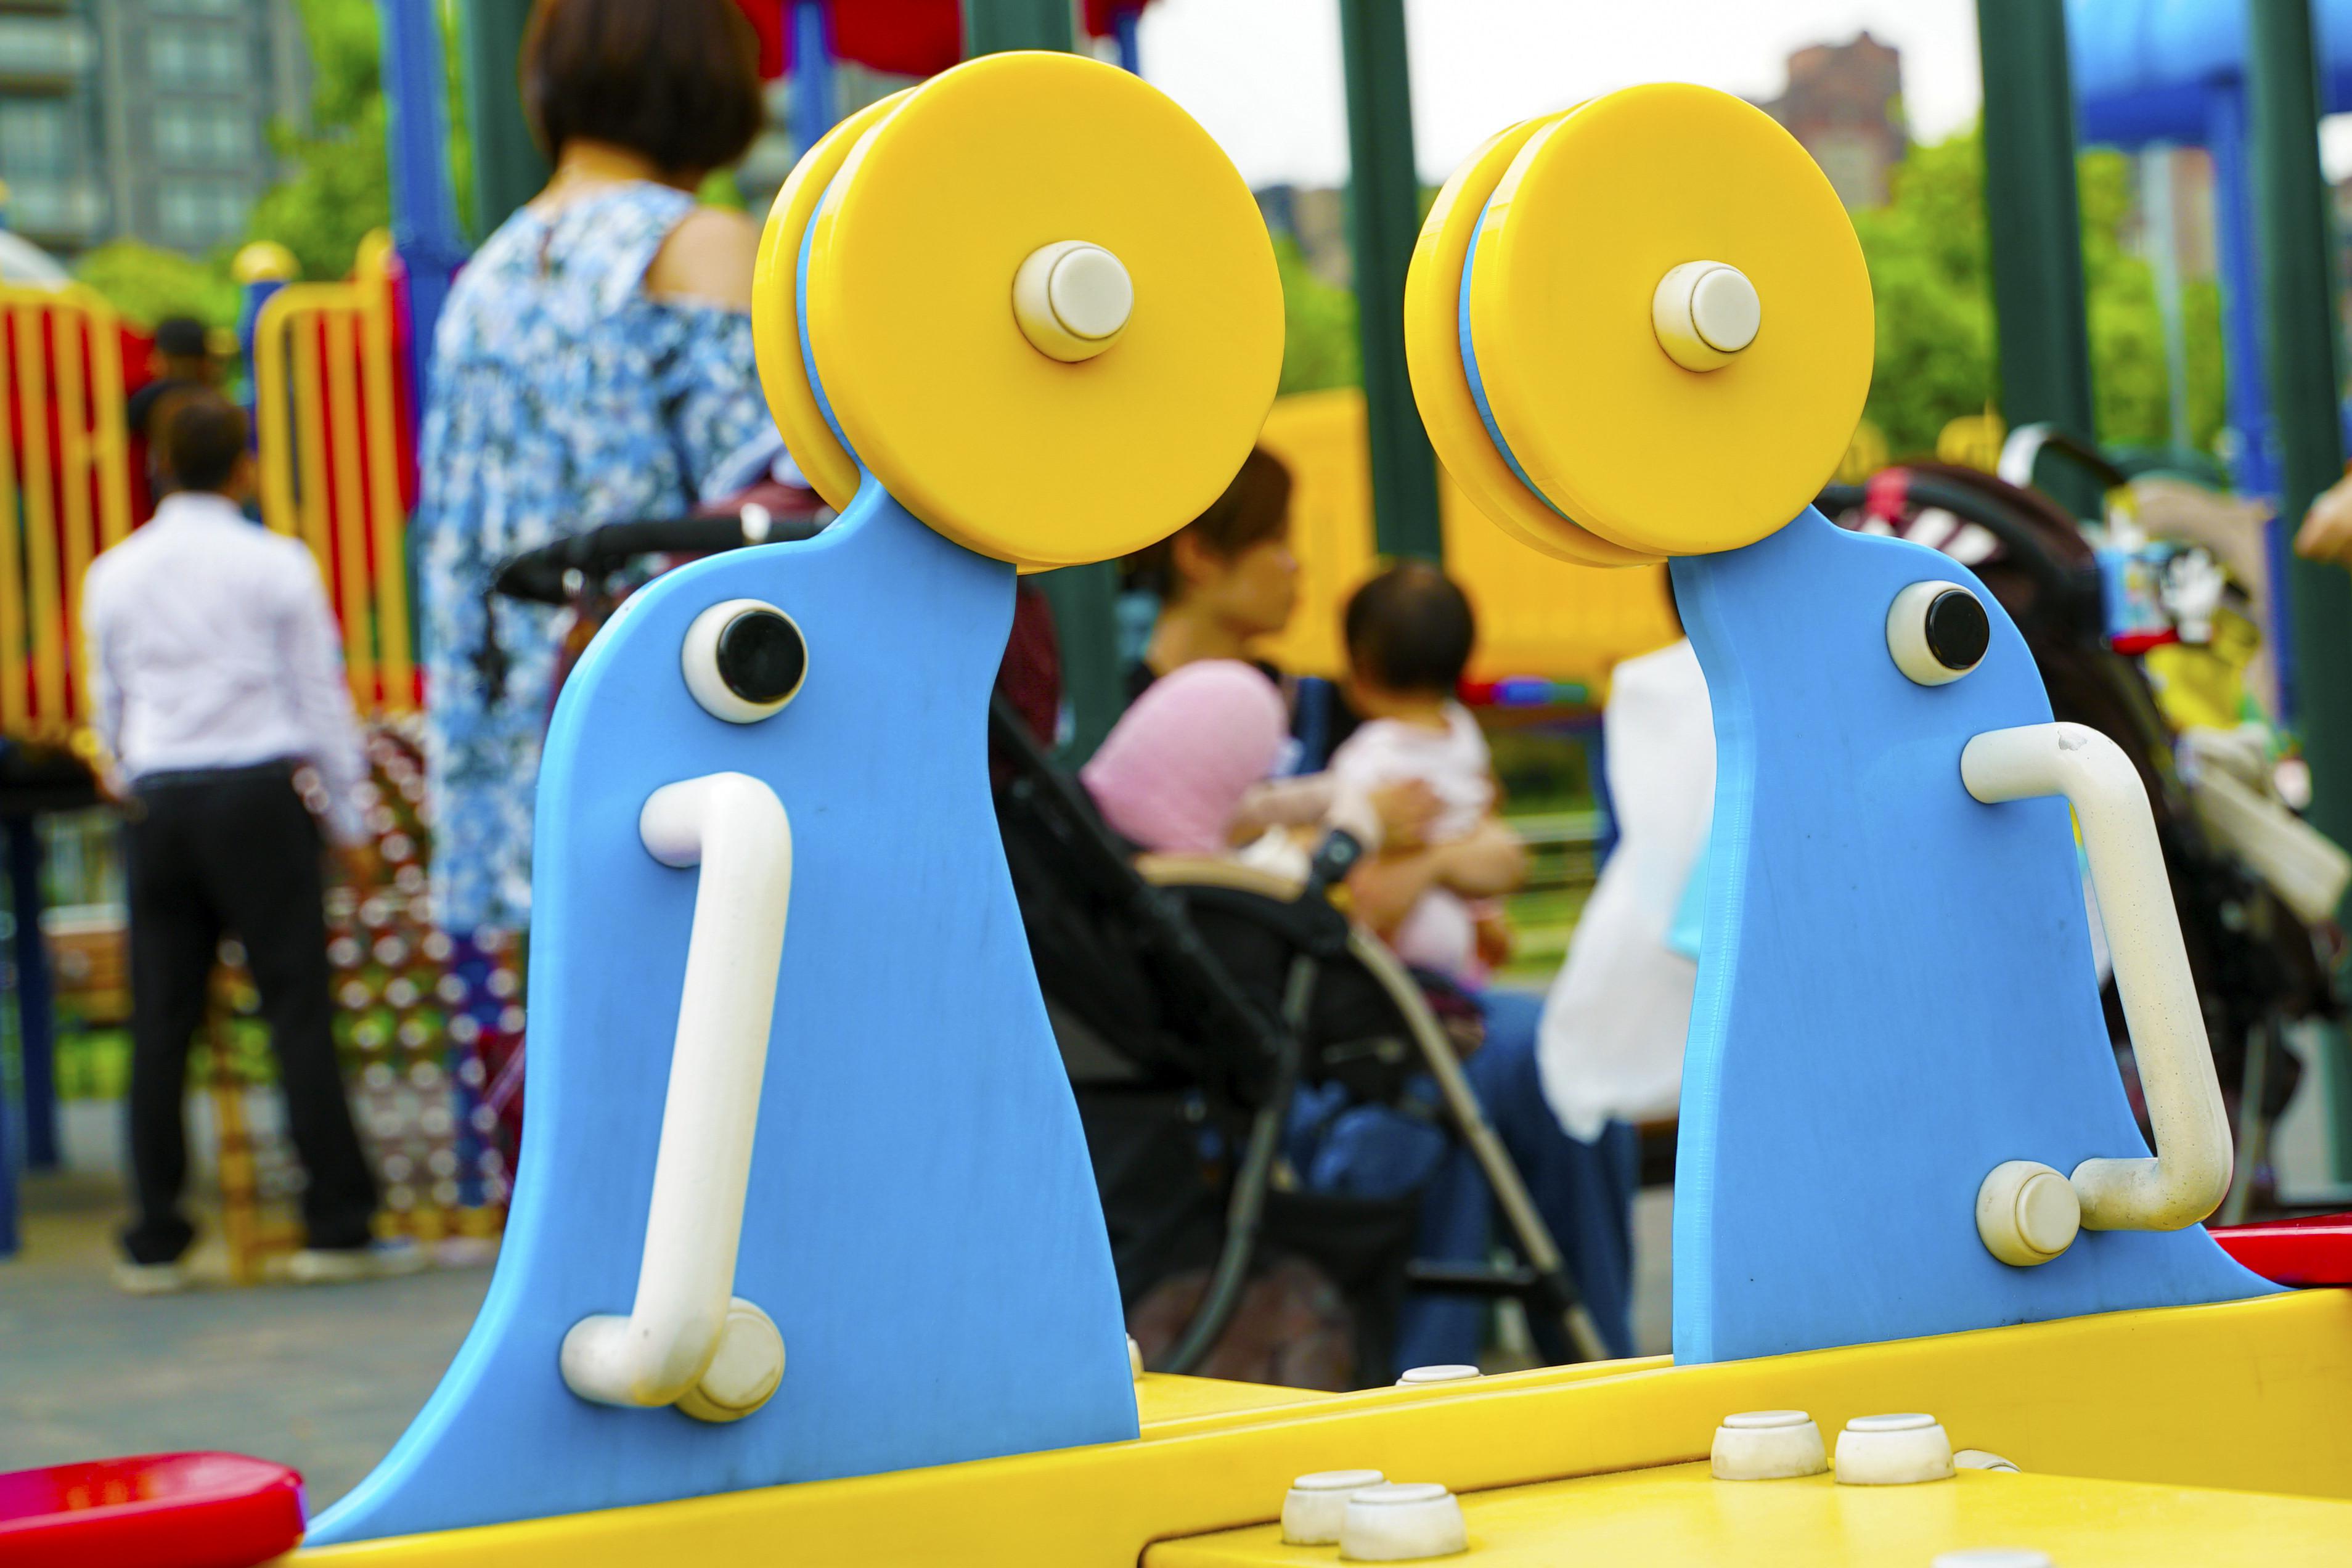 ▲ 親子,兒童,嬰兒,遊樂園,遊樂設施,娃娃車,家長小孩互動,餵奶,換尿布(圖/記者姜國輝攝)